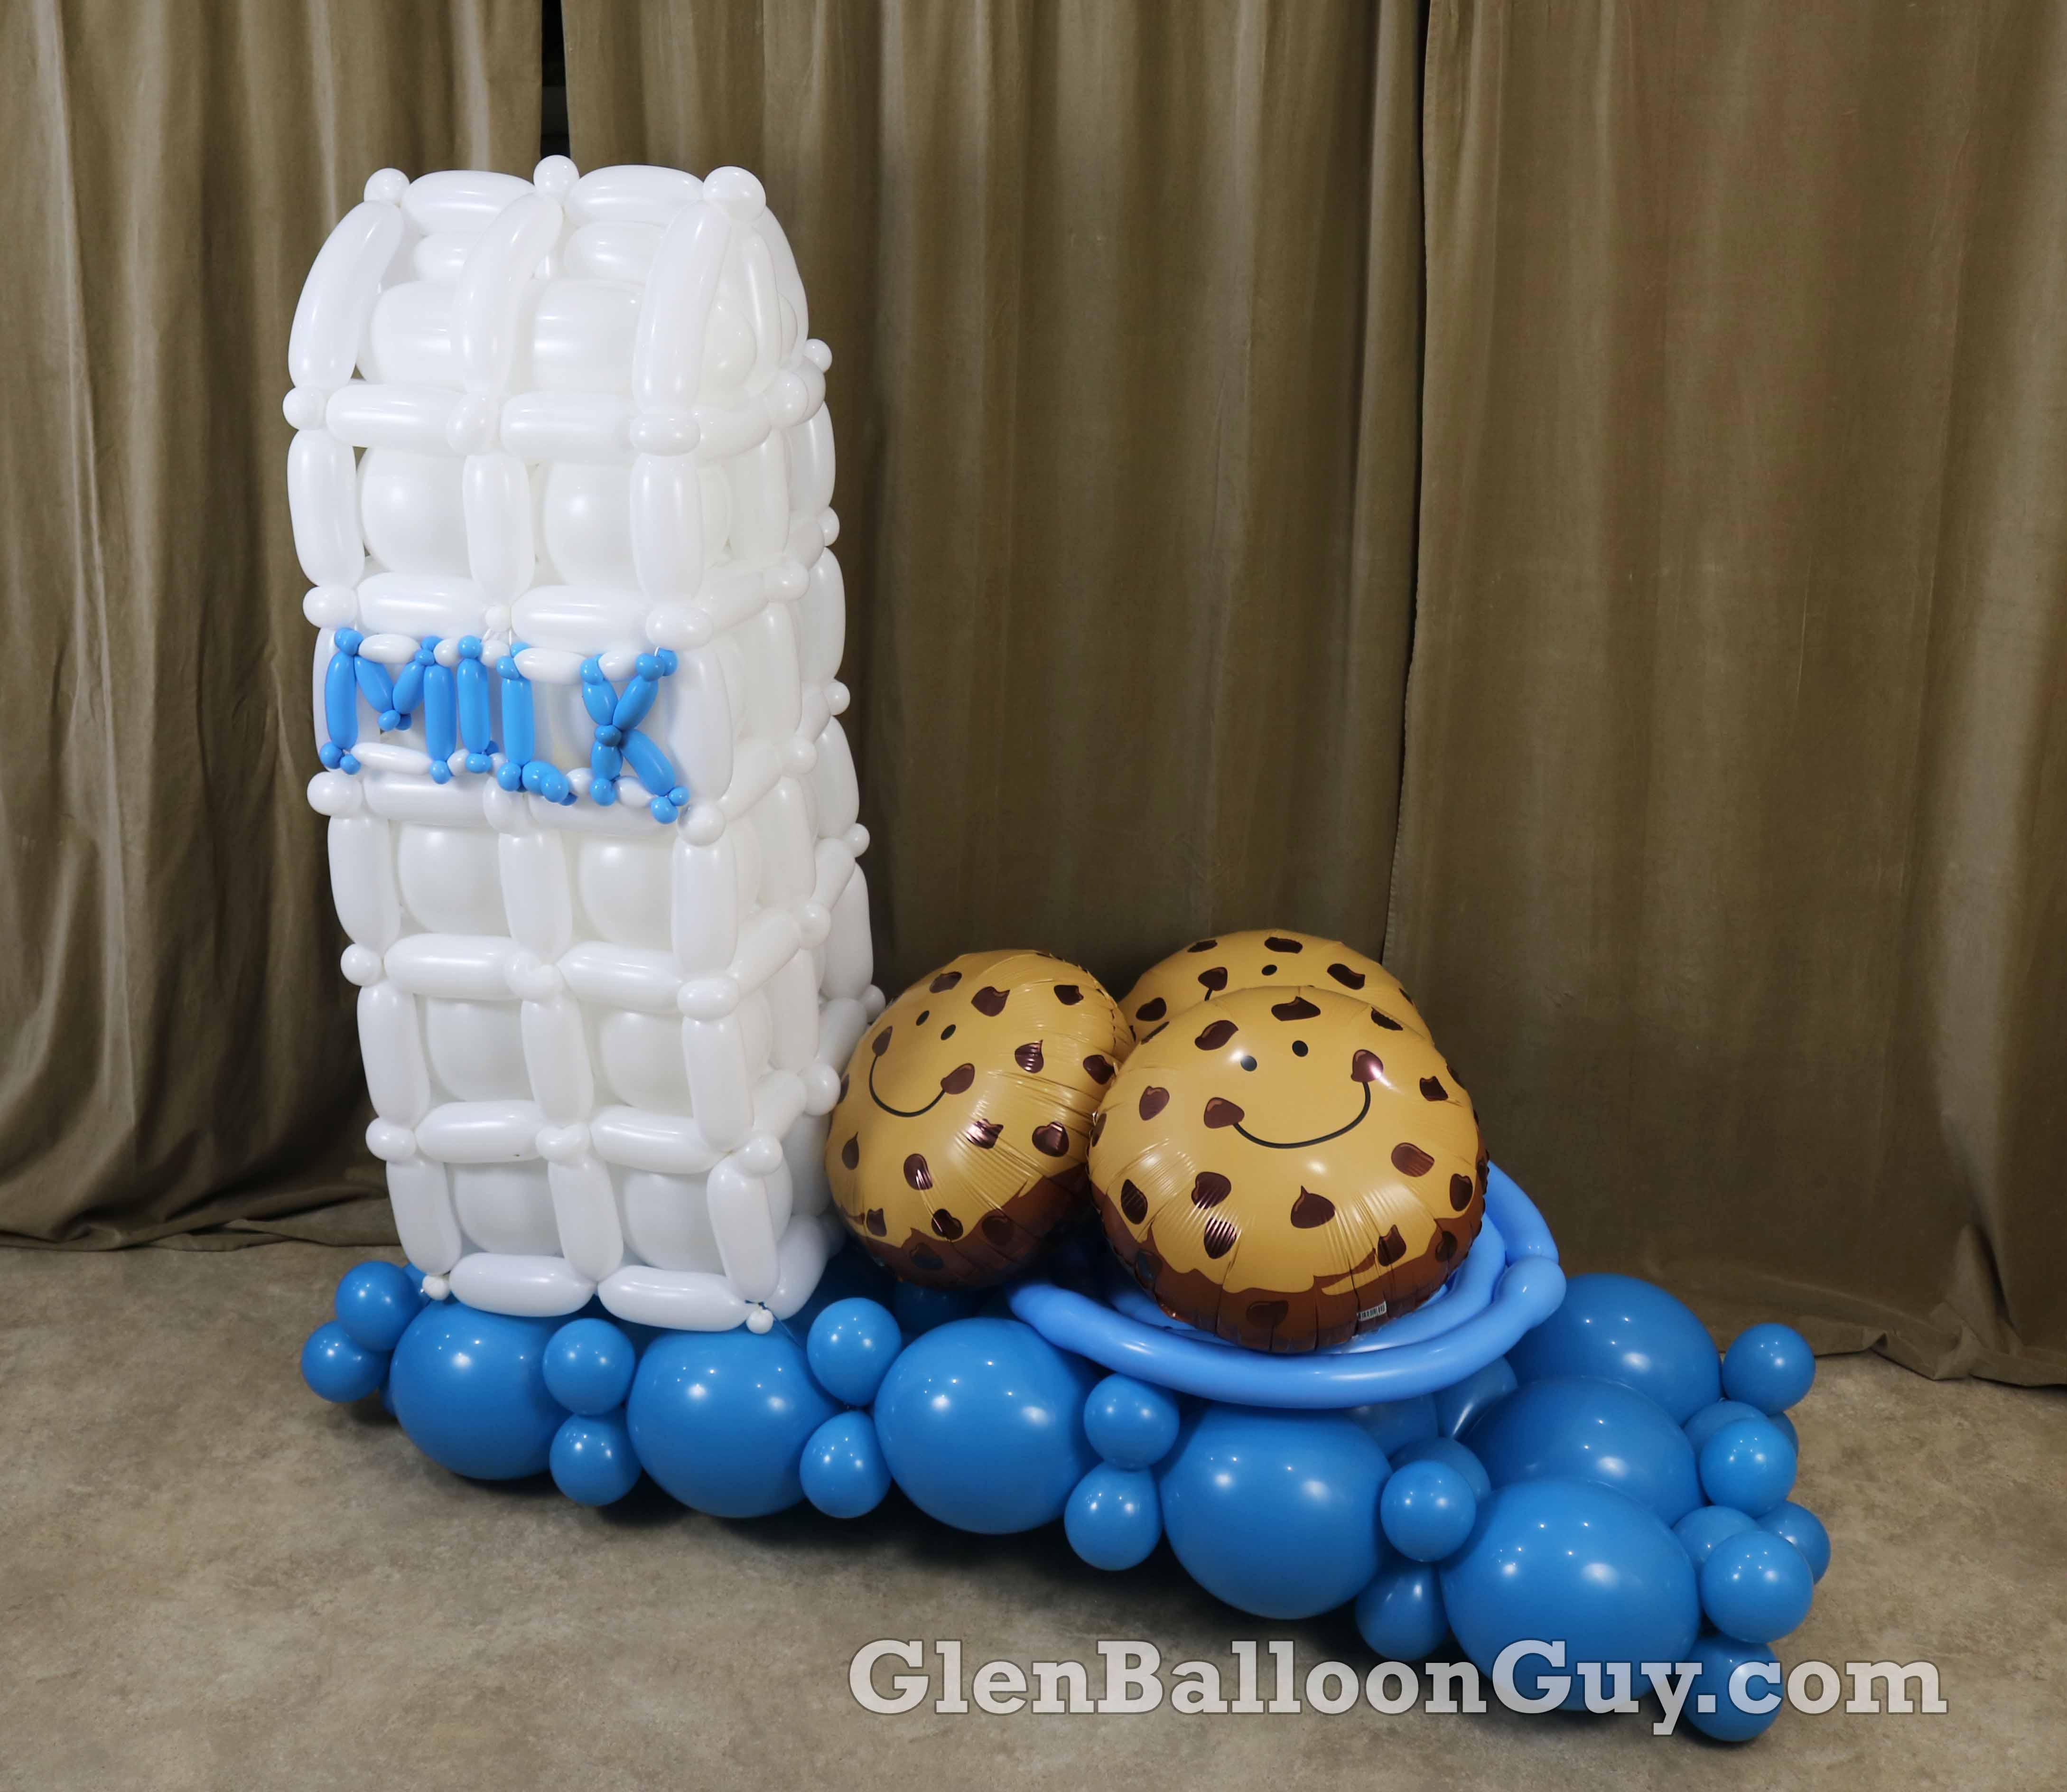 Milk and Cookies Sculpture